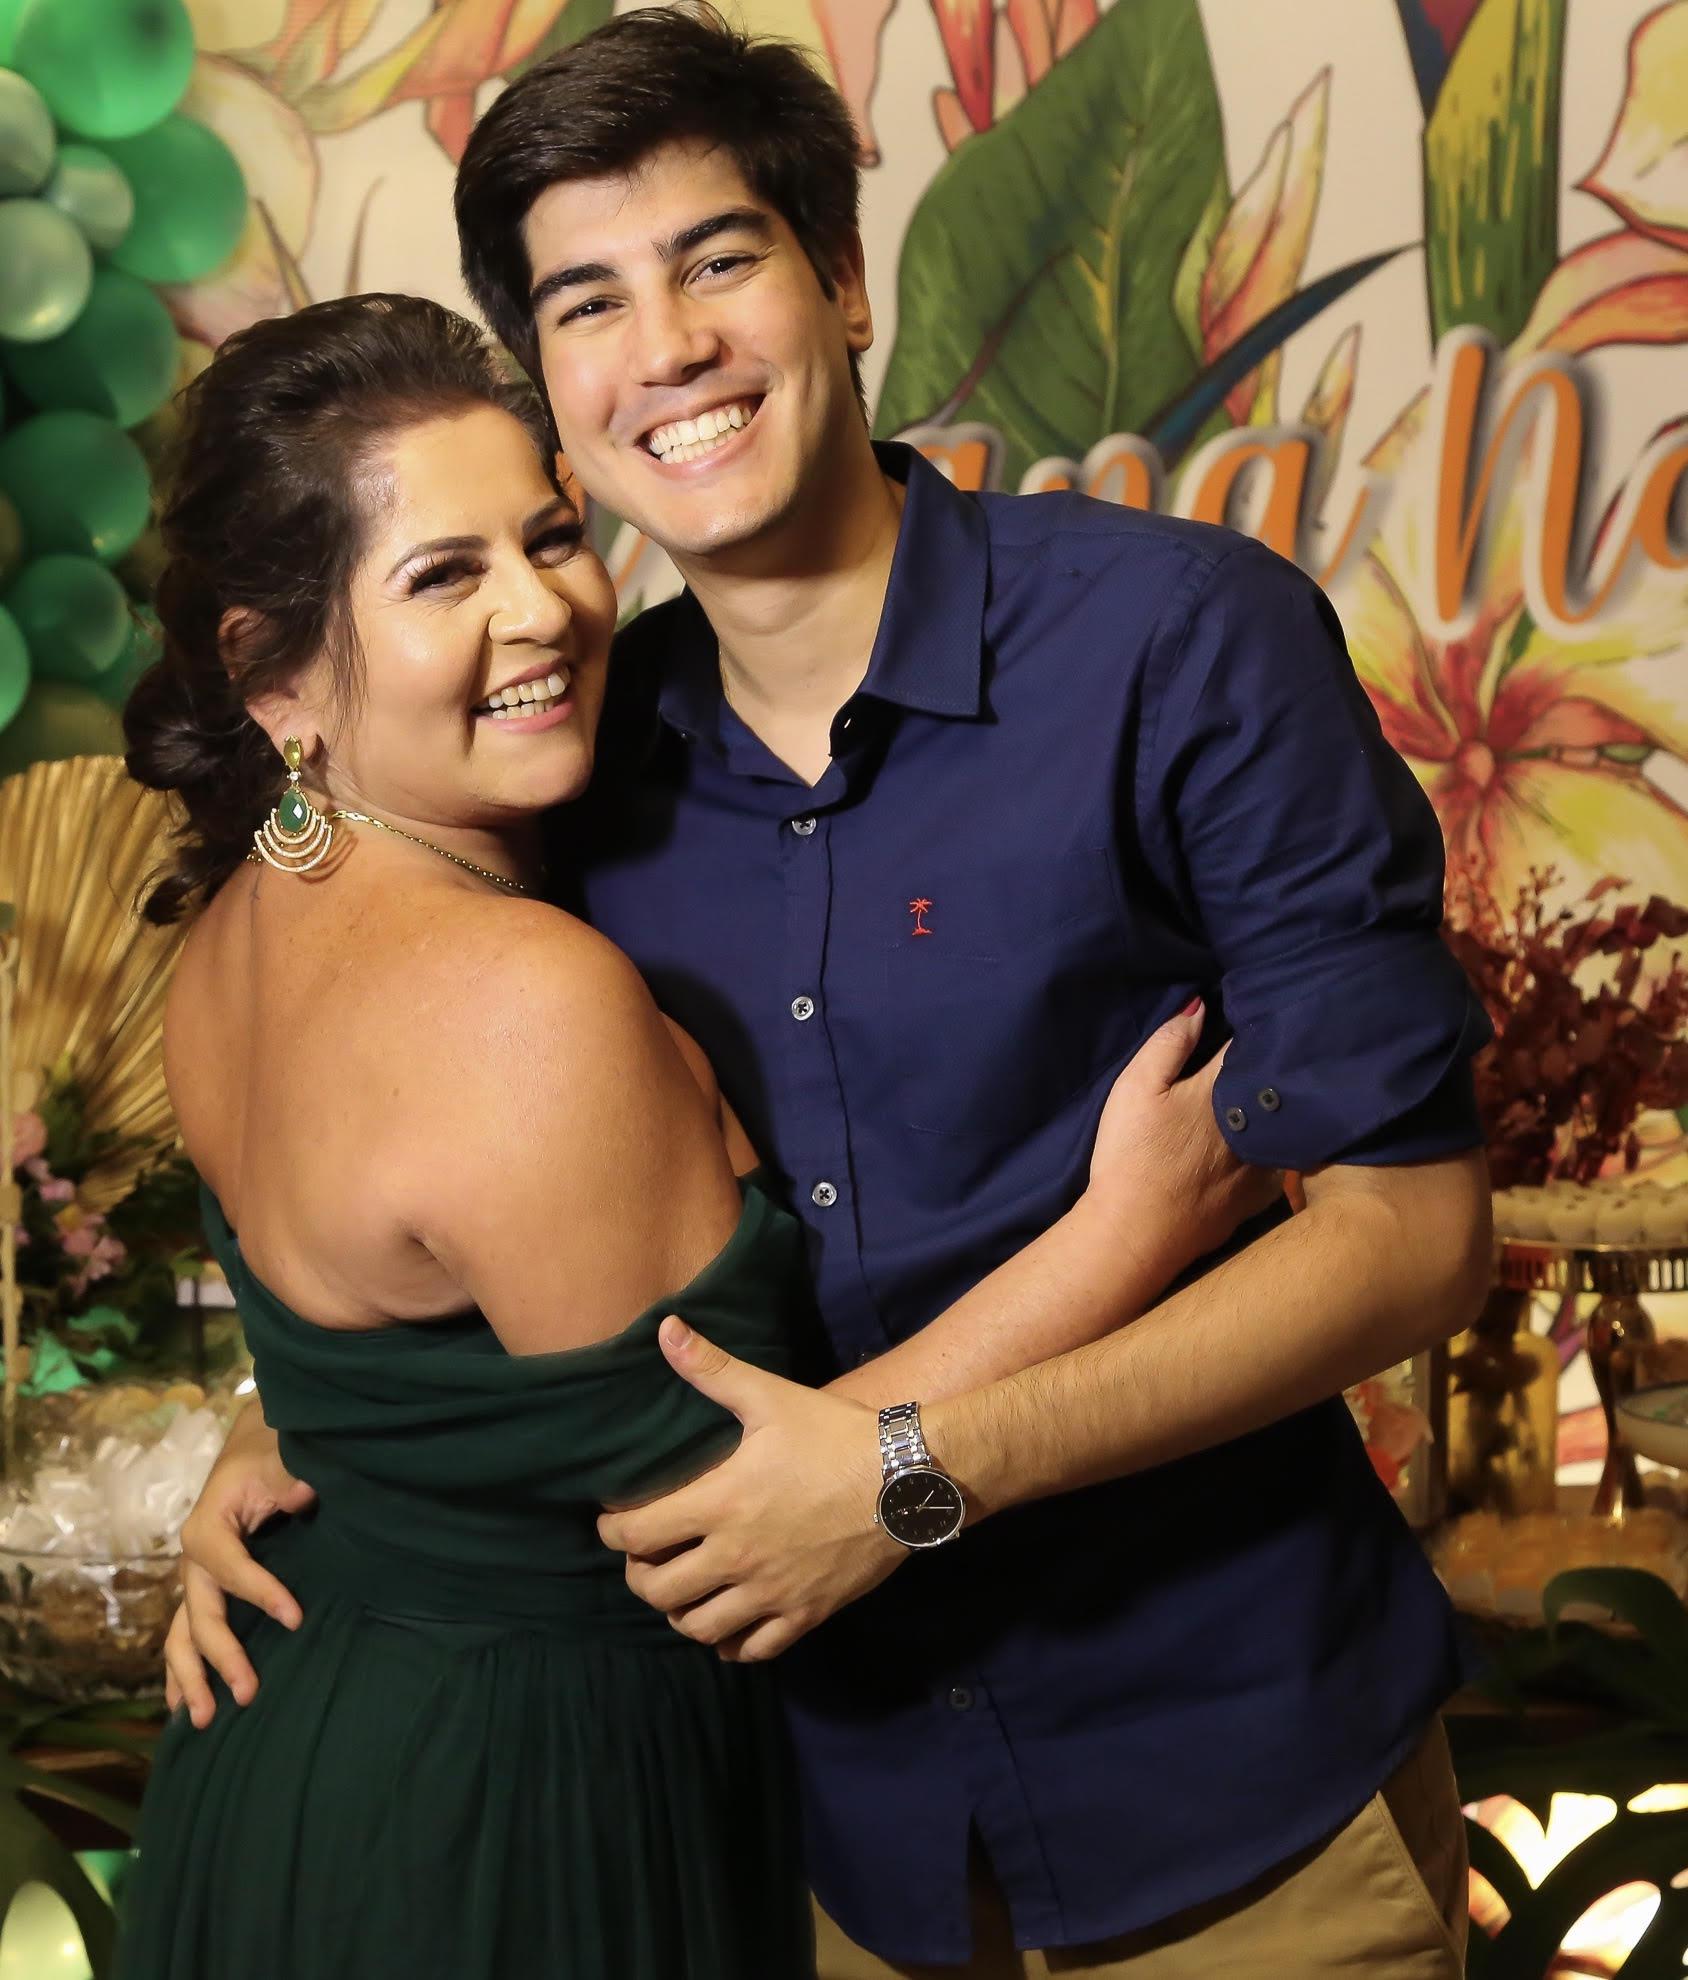 A aniversariante Adriana Naby recebendo o carinho do filho Matheus Salha, na festa de seus 50 anos, em Renata Motta.